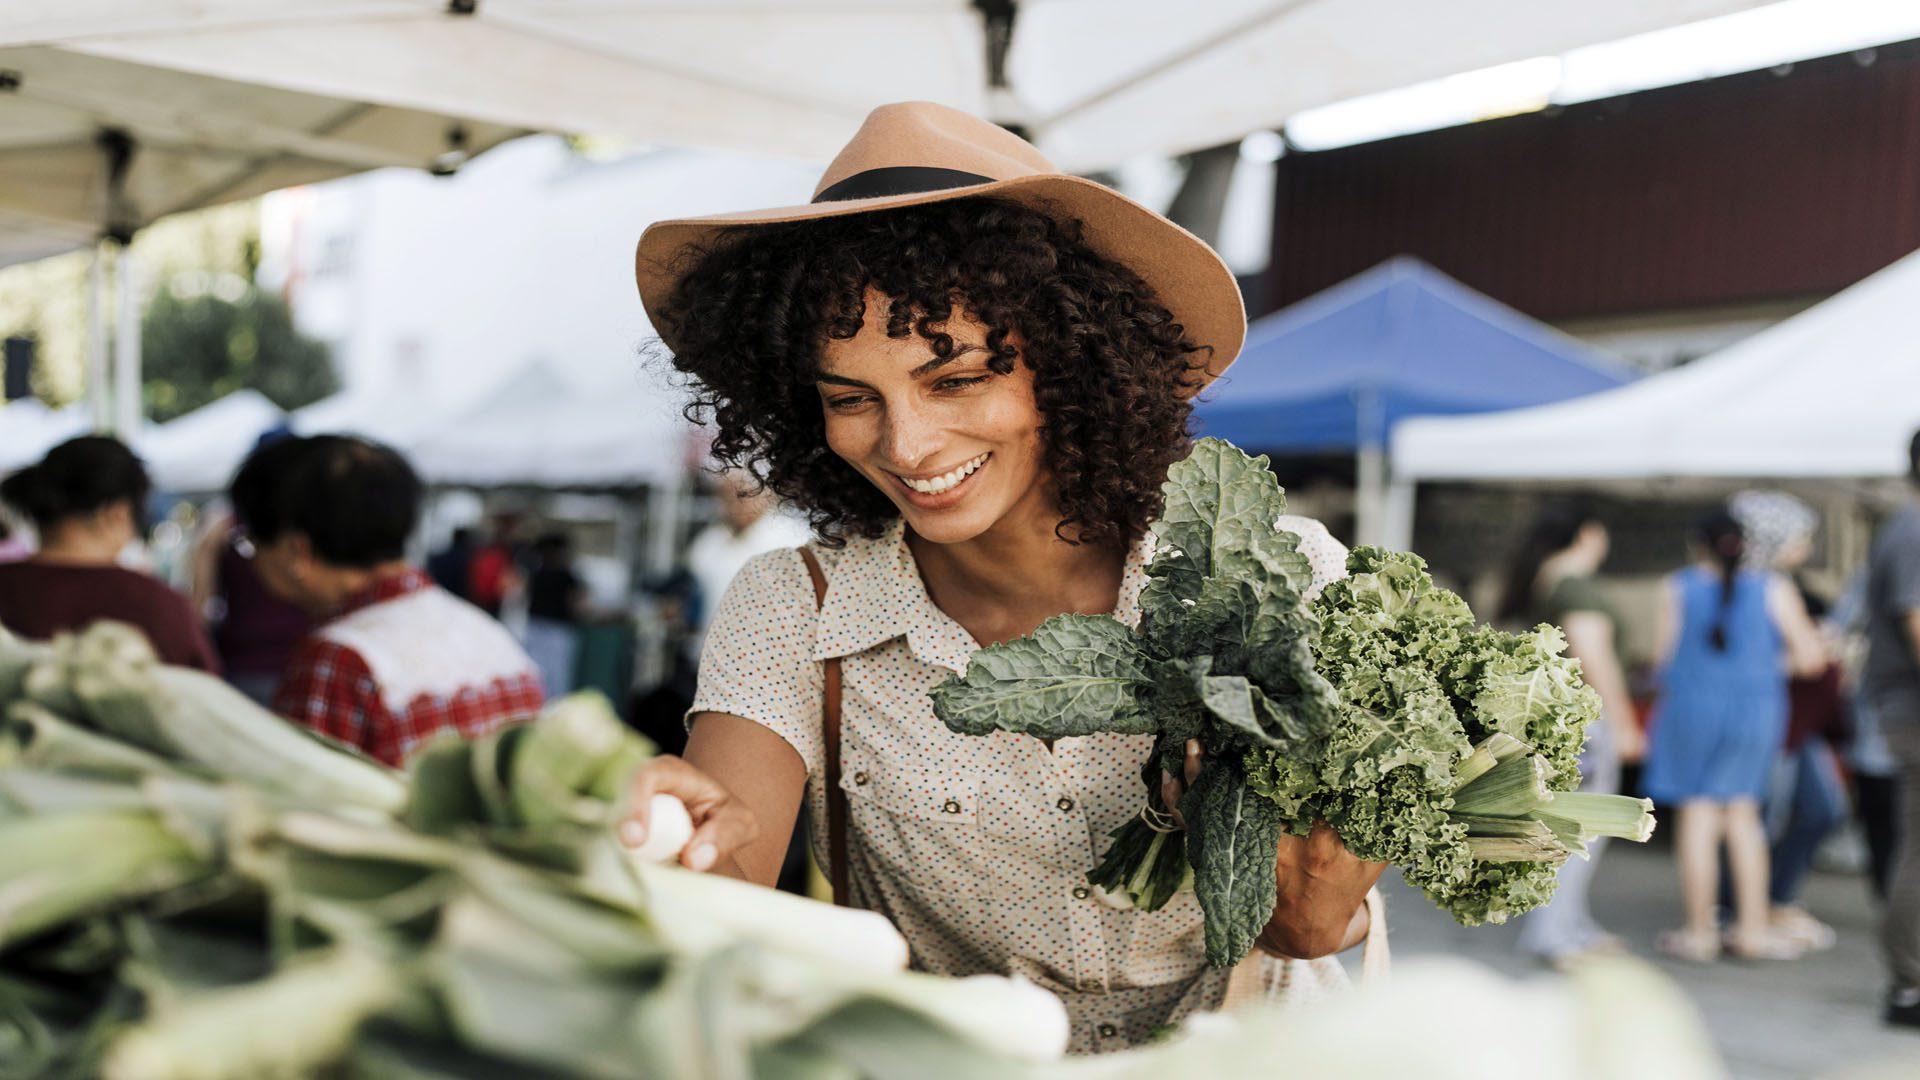 vegetais crucíferos previnem câncer el paso tx.